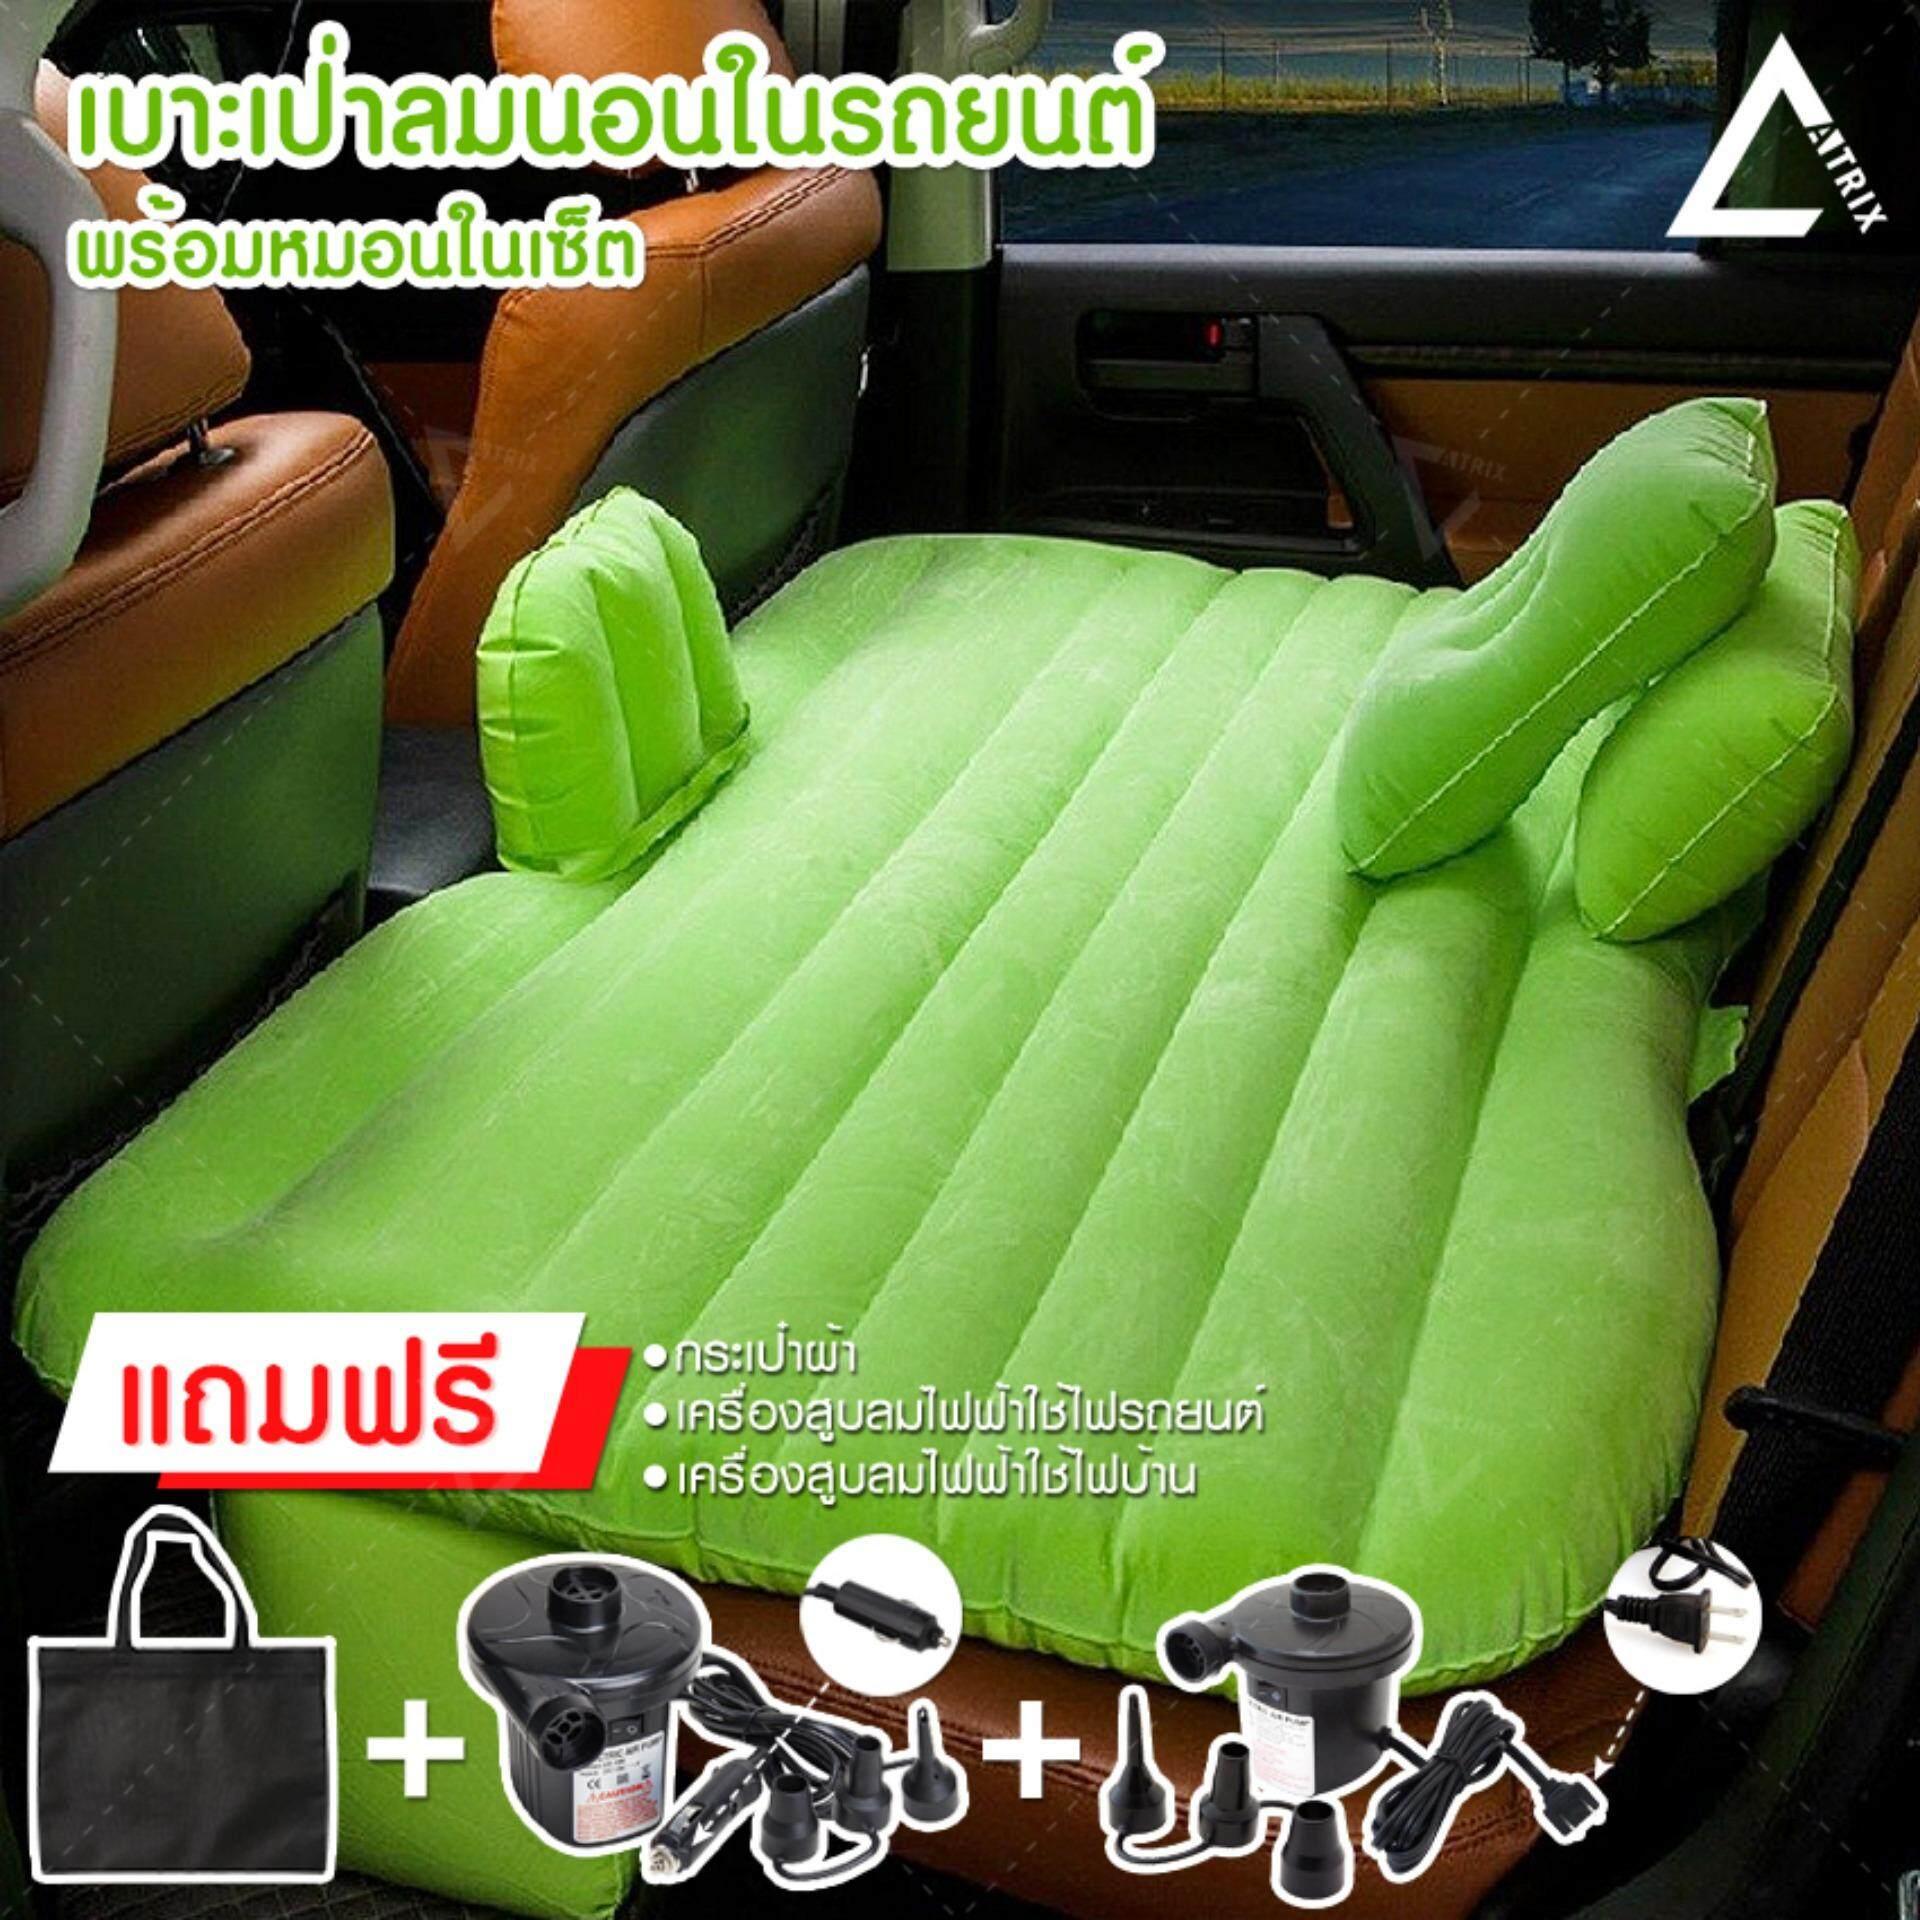 โปรโมชั่น Atrix ซื้อ 1 ได้ถึง 2 เบาะเป่าลมนอนในรถยนต์ ที่นอนในรถ Inflatable Bed In Car มีที่กันคอนโซลหน้า พื้นผิวกำมะหยี่นุ่มสบายทนทานยืดหยุ่นสูงใช้เป็นเบาะรองนั่งนอกสถานที่ เป็นแพลอยในน้ำได้ รุ่น Kds 0009 สีเขียว Green แถมฟรี เครื่องสูบลมอัตโนมัติรุ่น Kdh 0026